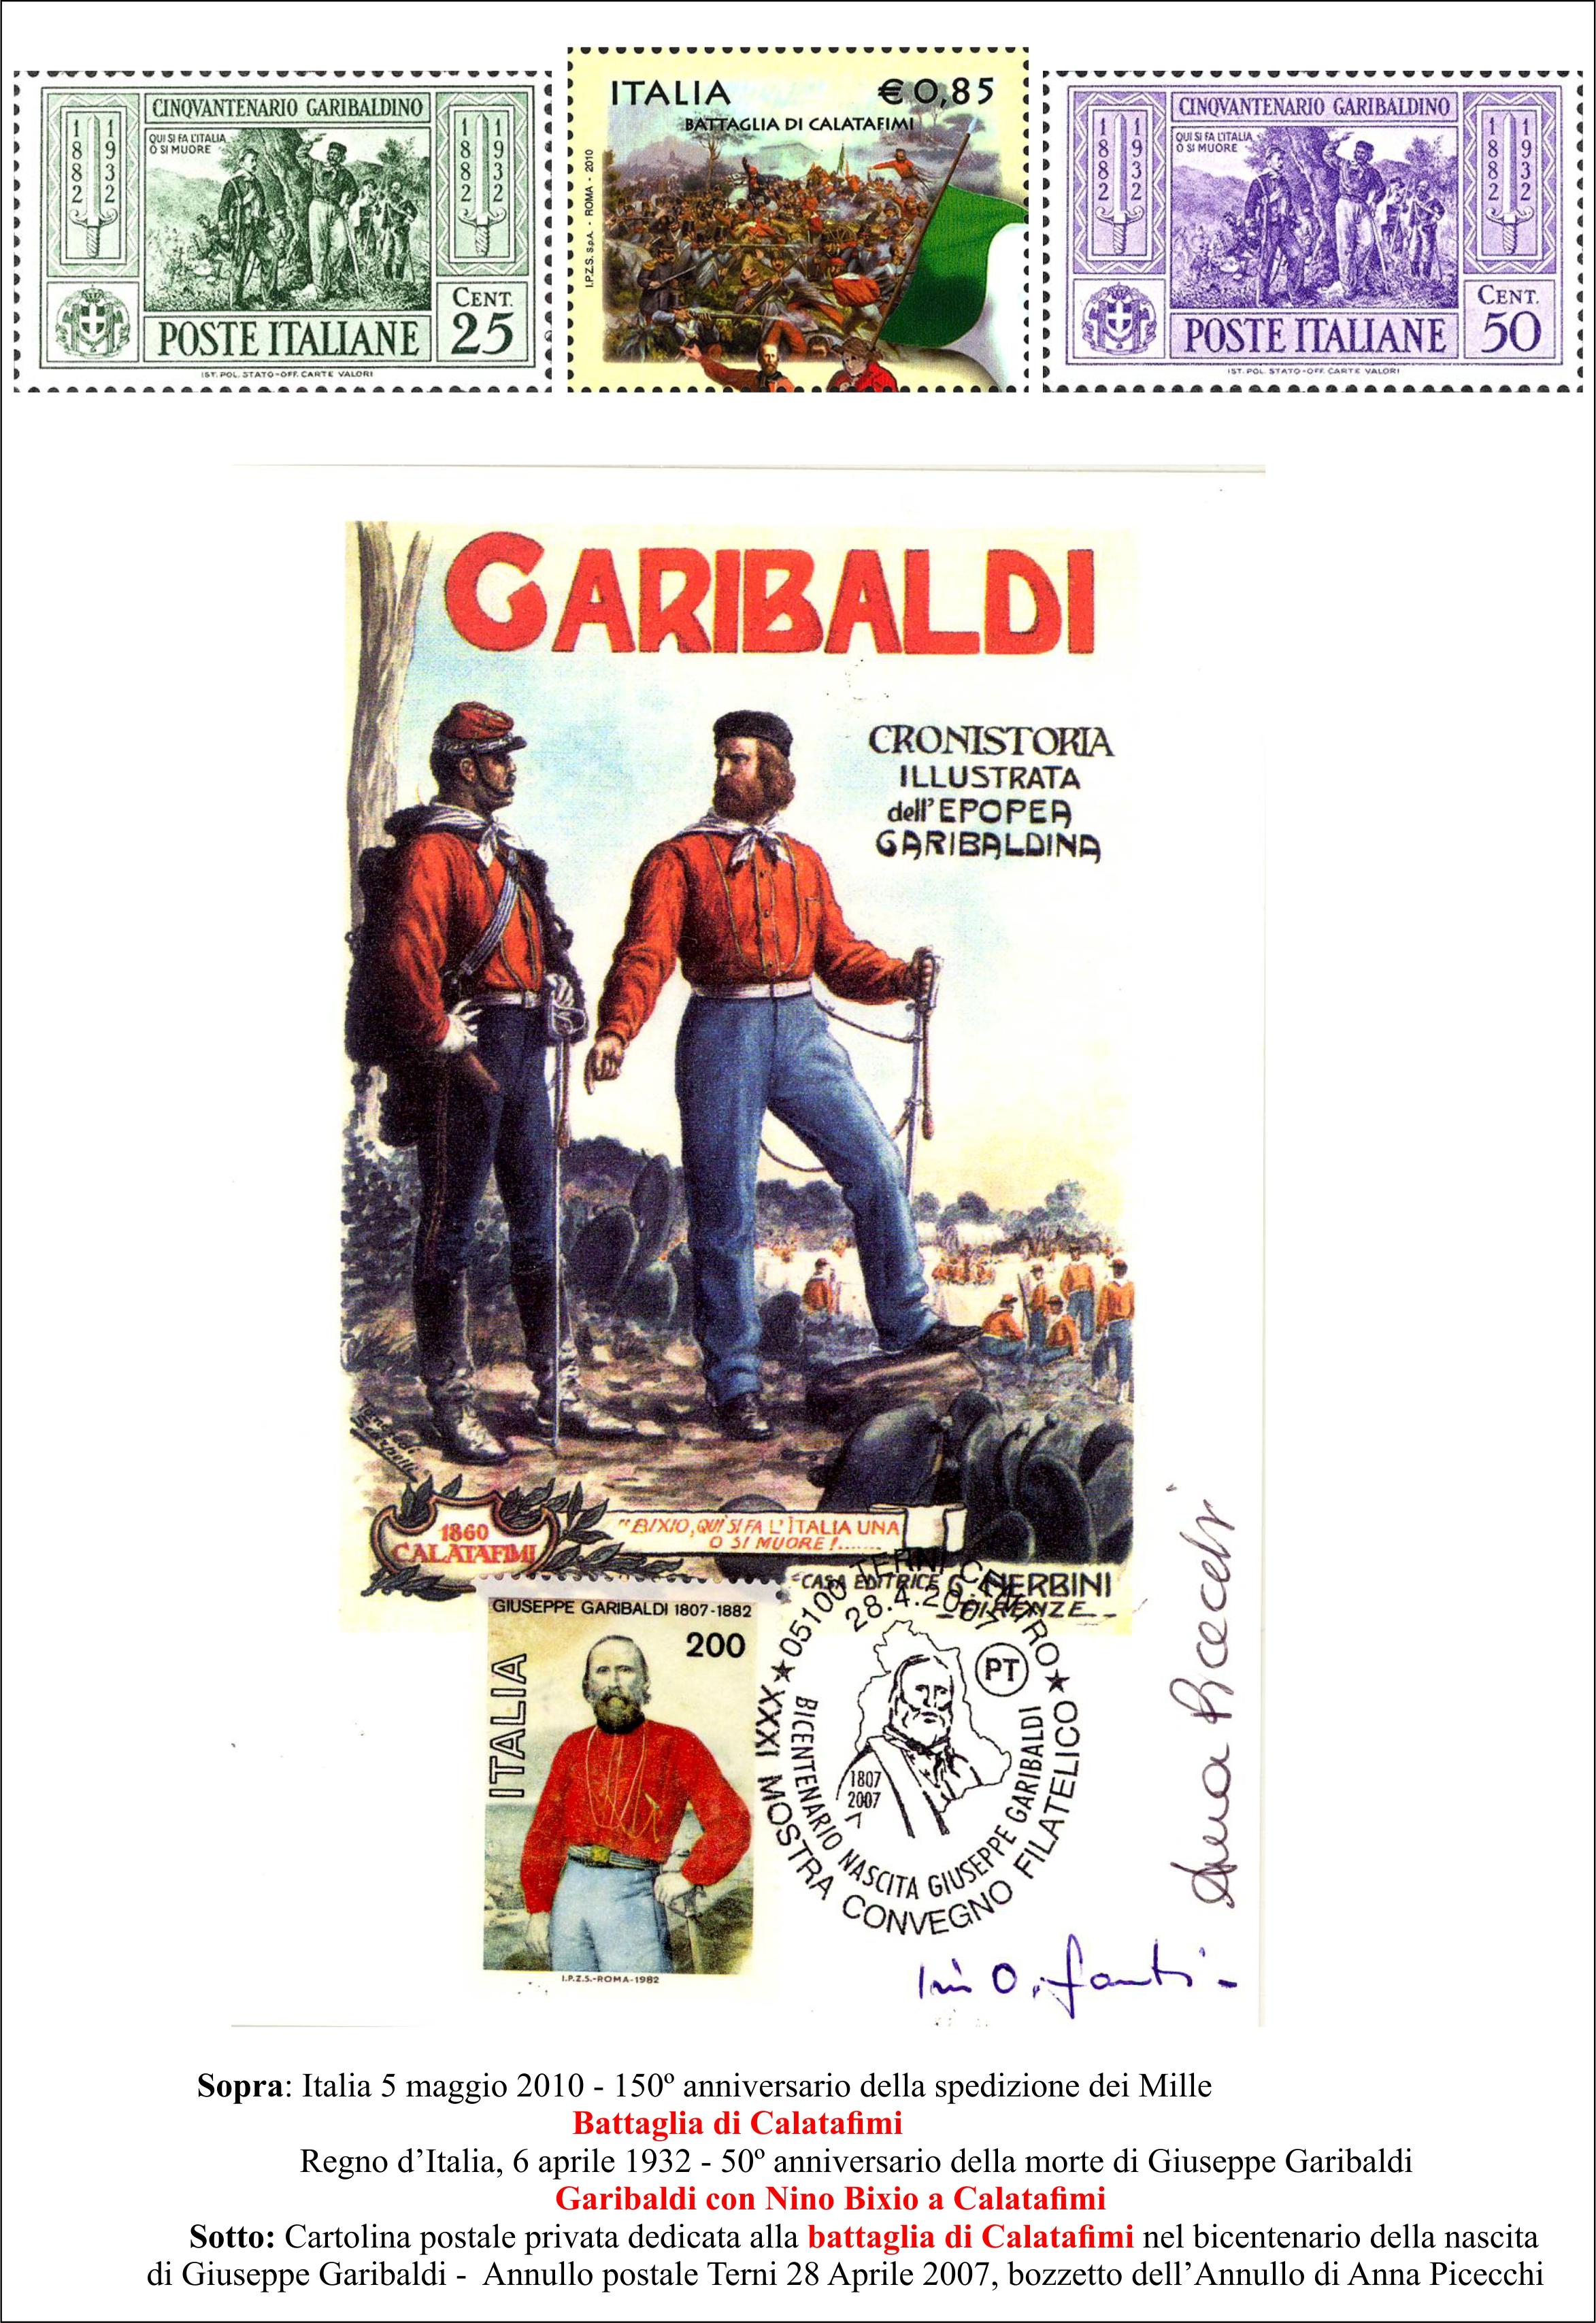 Garibaldi a Calatafimi